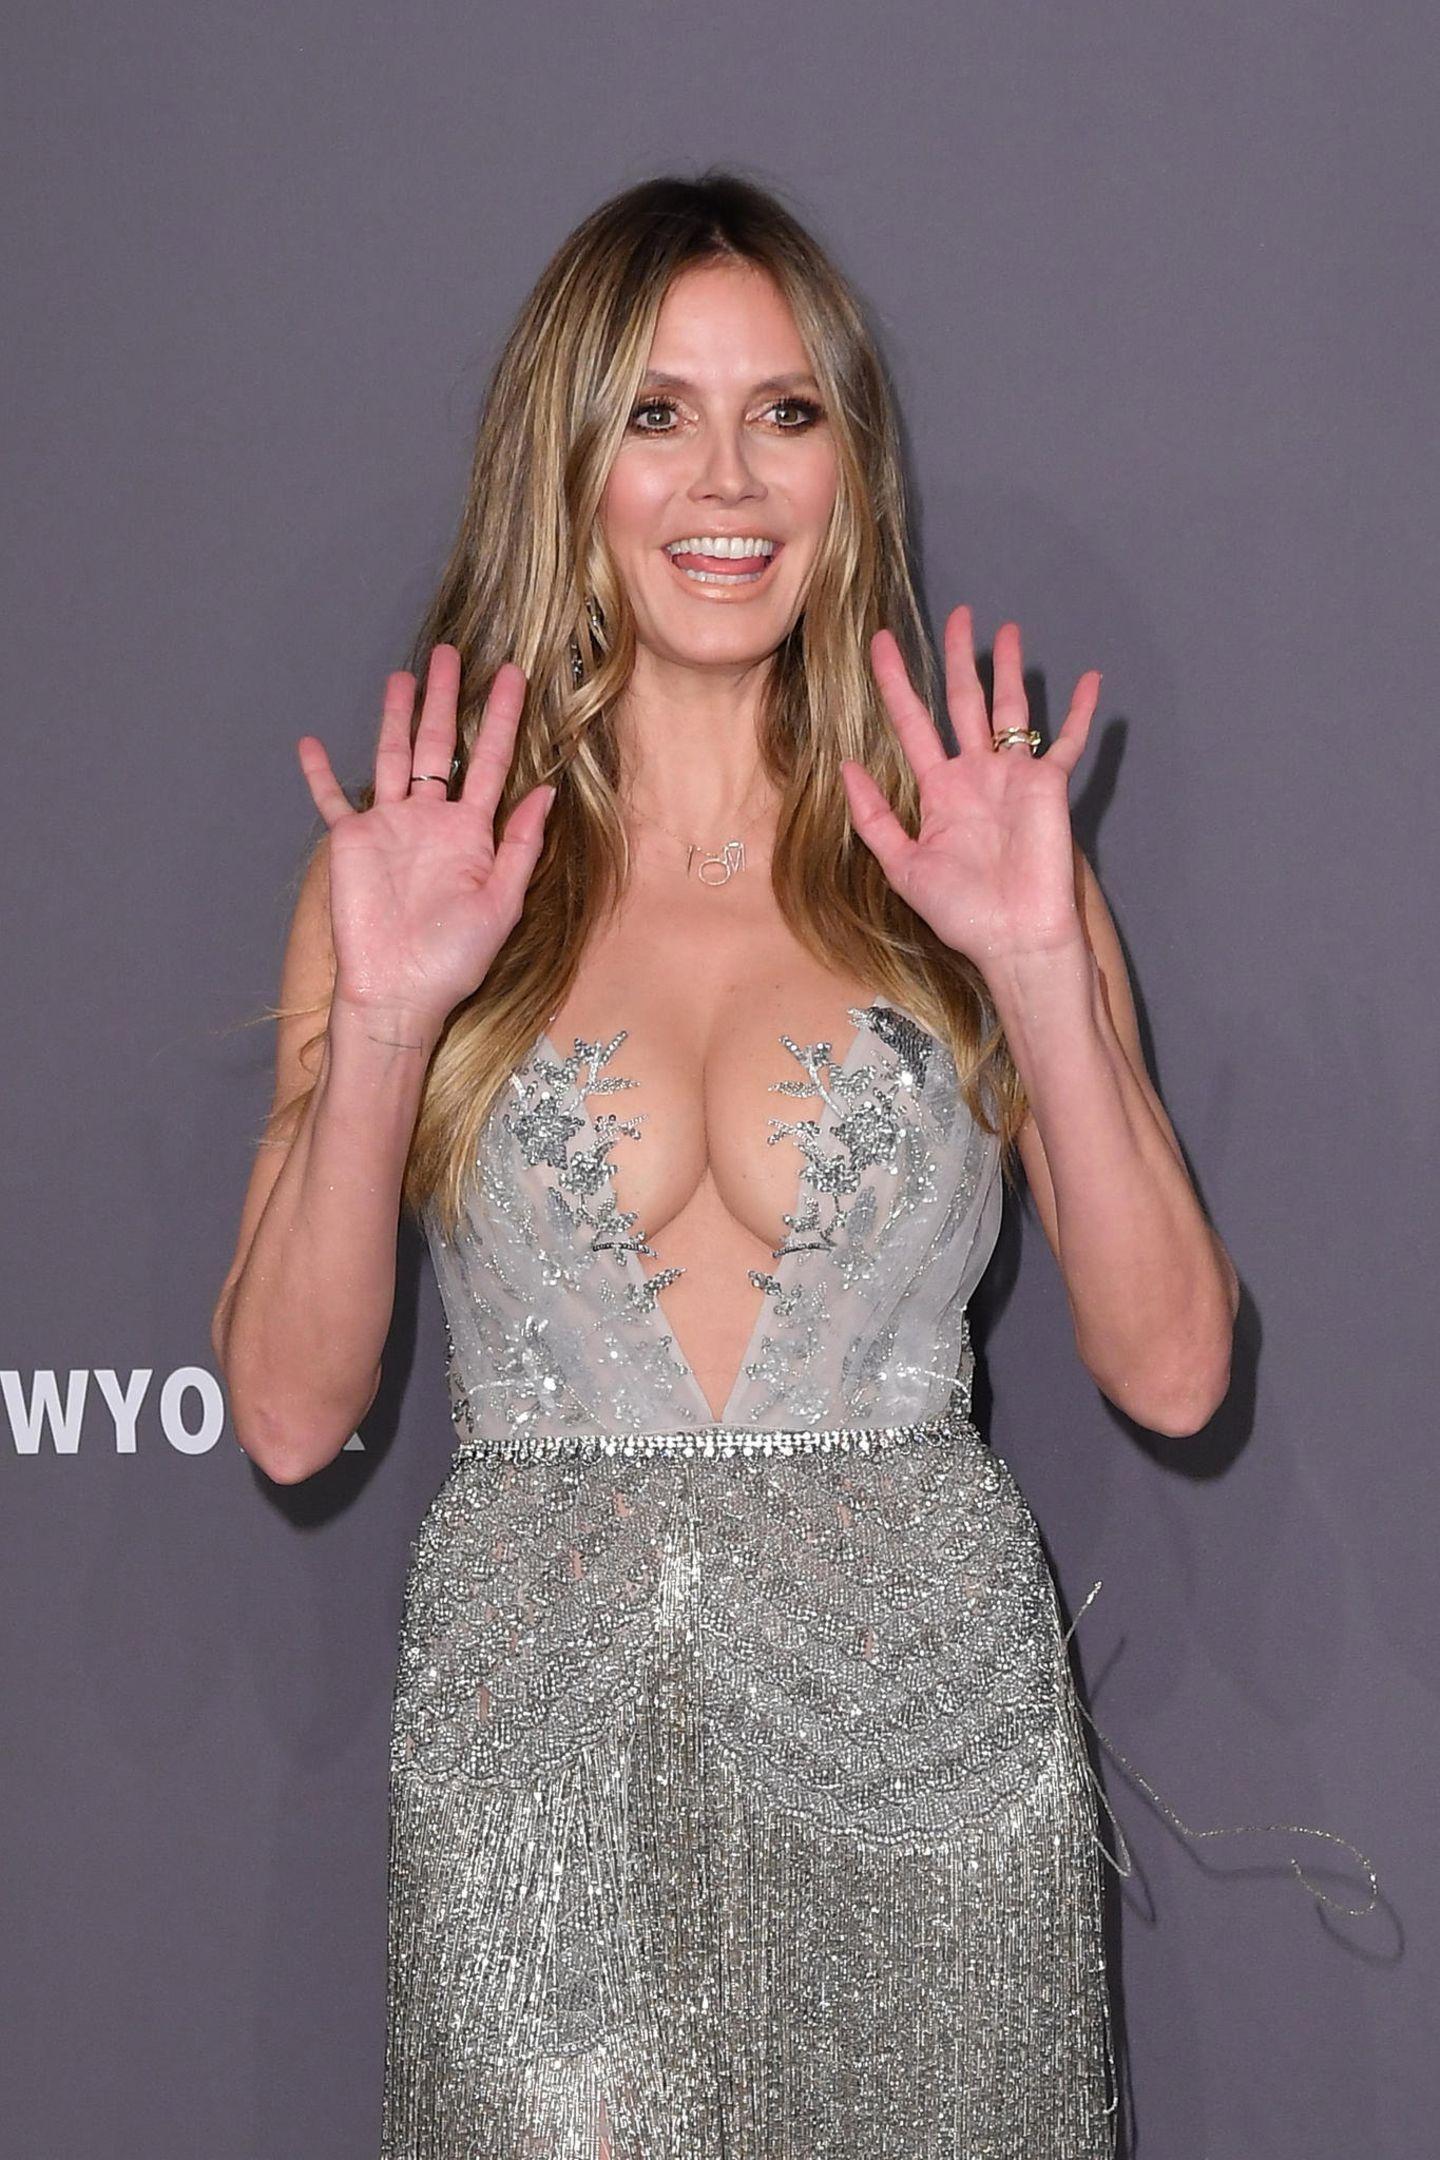 Bei der amfAR-Gala in New York erscheint Heidi Klum ohne ihren Verlobten Tom Kaulitz. Oder etwa doch nicht? So ganz ohne ihre Liebsten geht Heidi nämlich nicht aus dem Haus ...